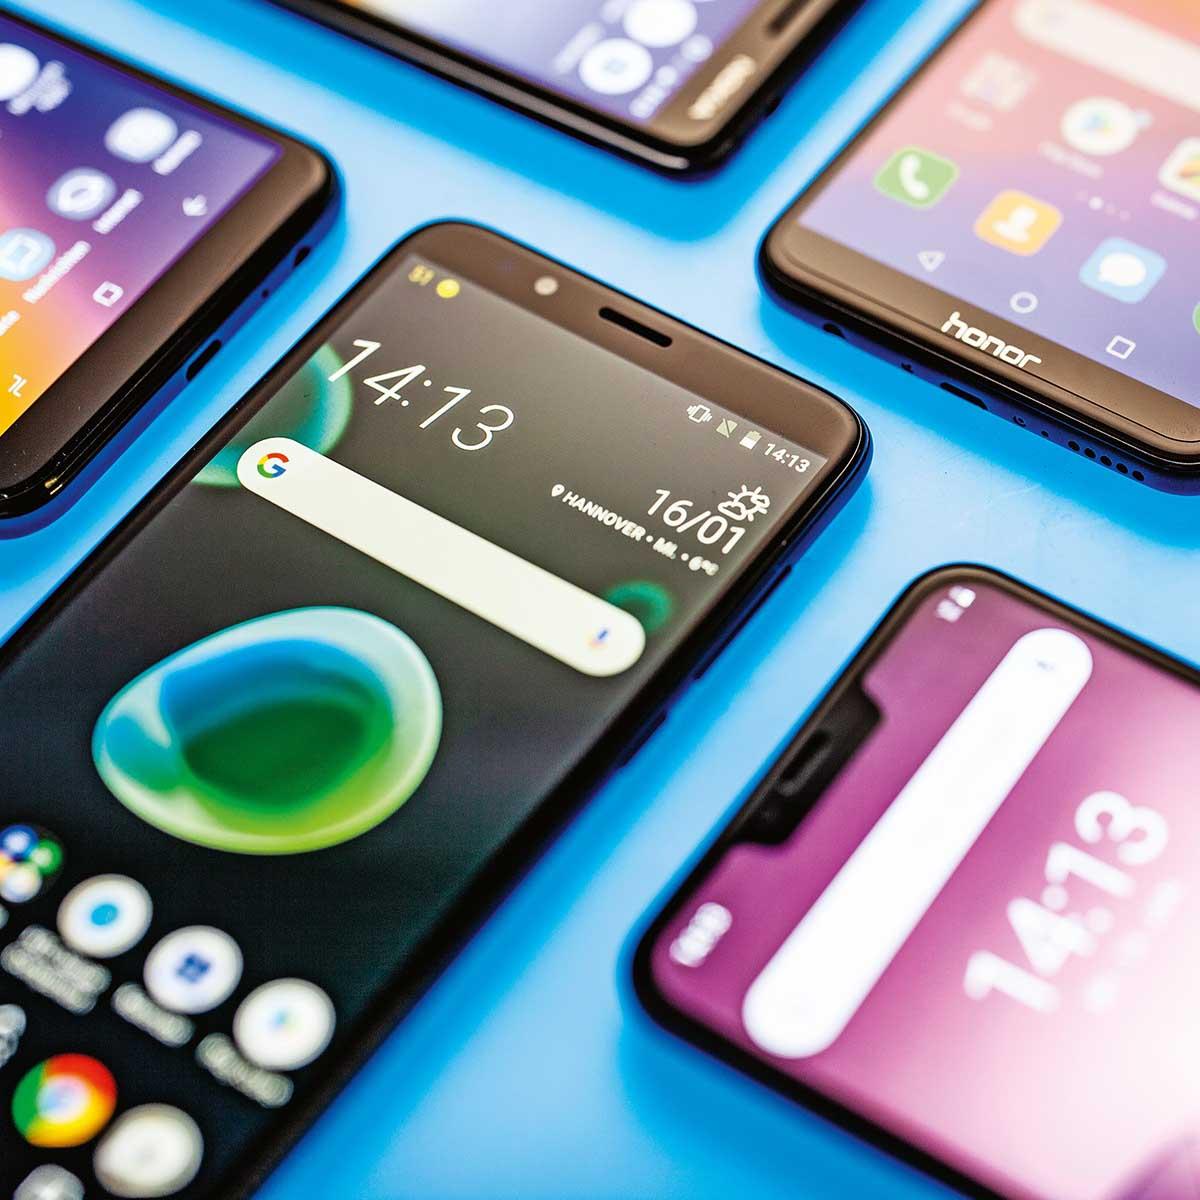 ТОП Лучшие смартфоны